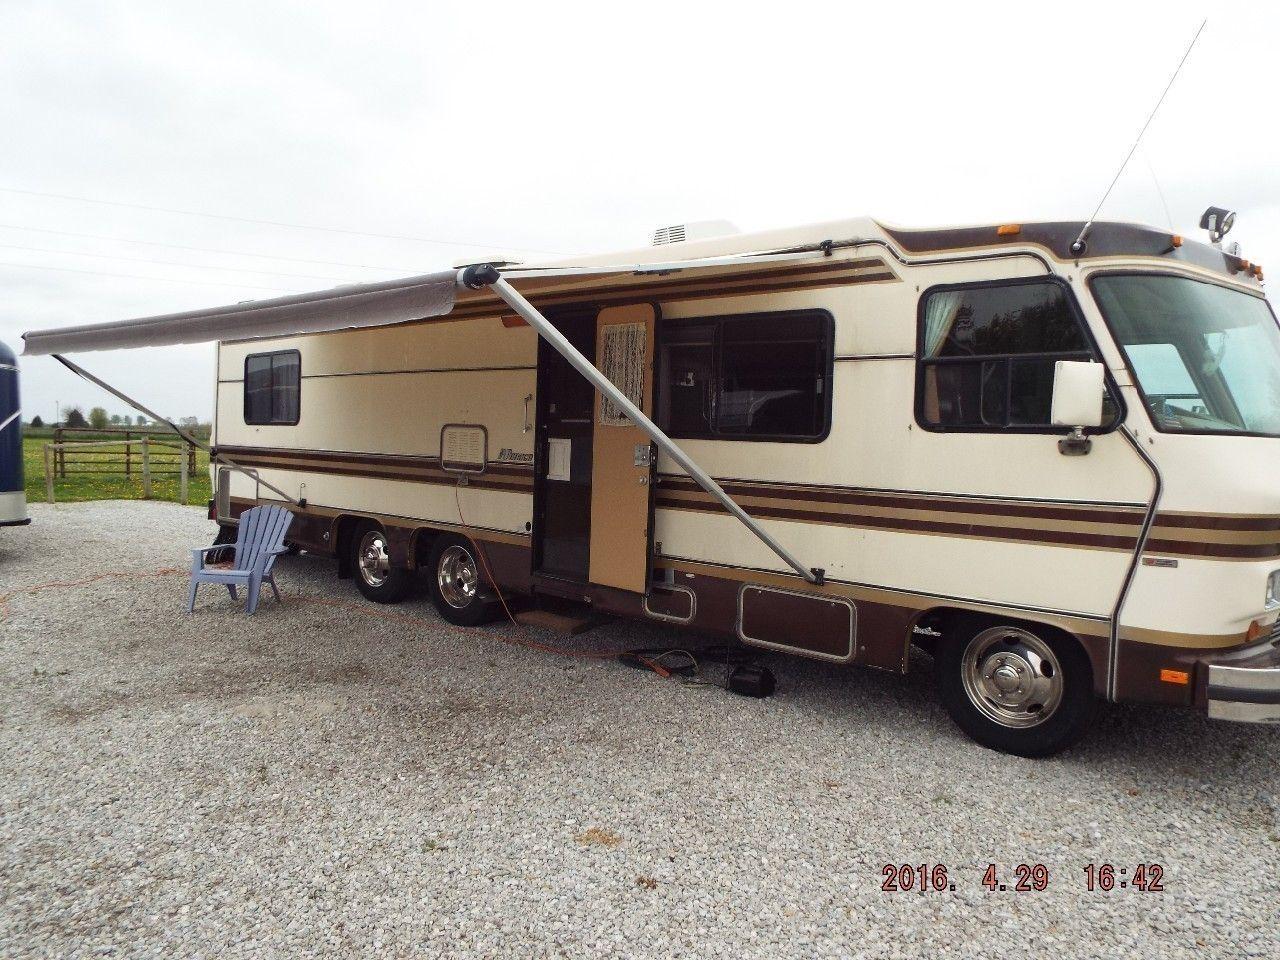 400 best vintage motorhomes images on pinterest rv campers 1985 monaco bus motorhome rv camper van publicscrutiny Choice Image